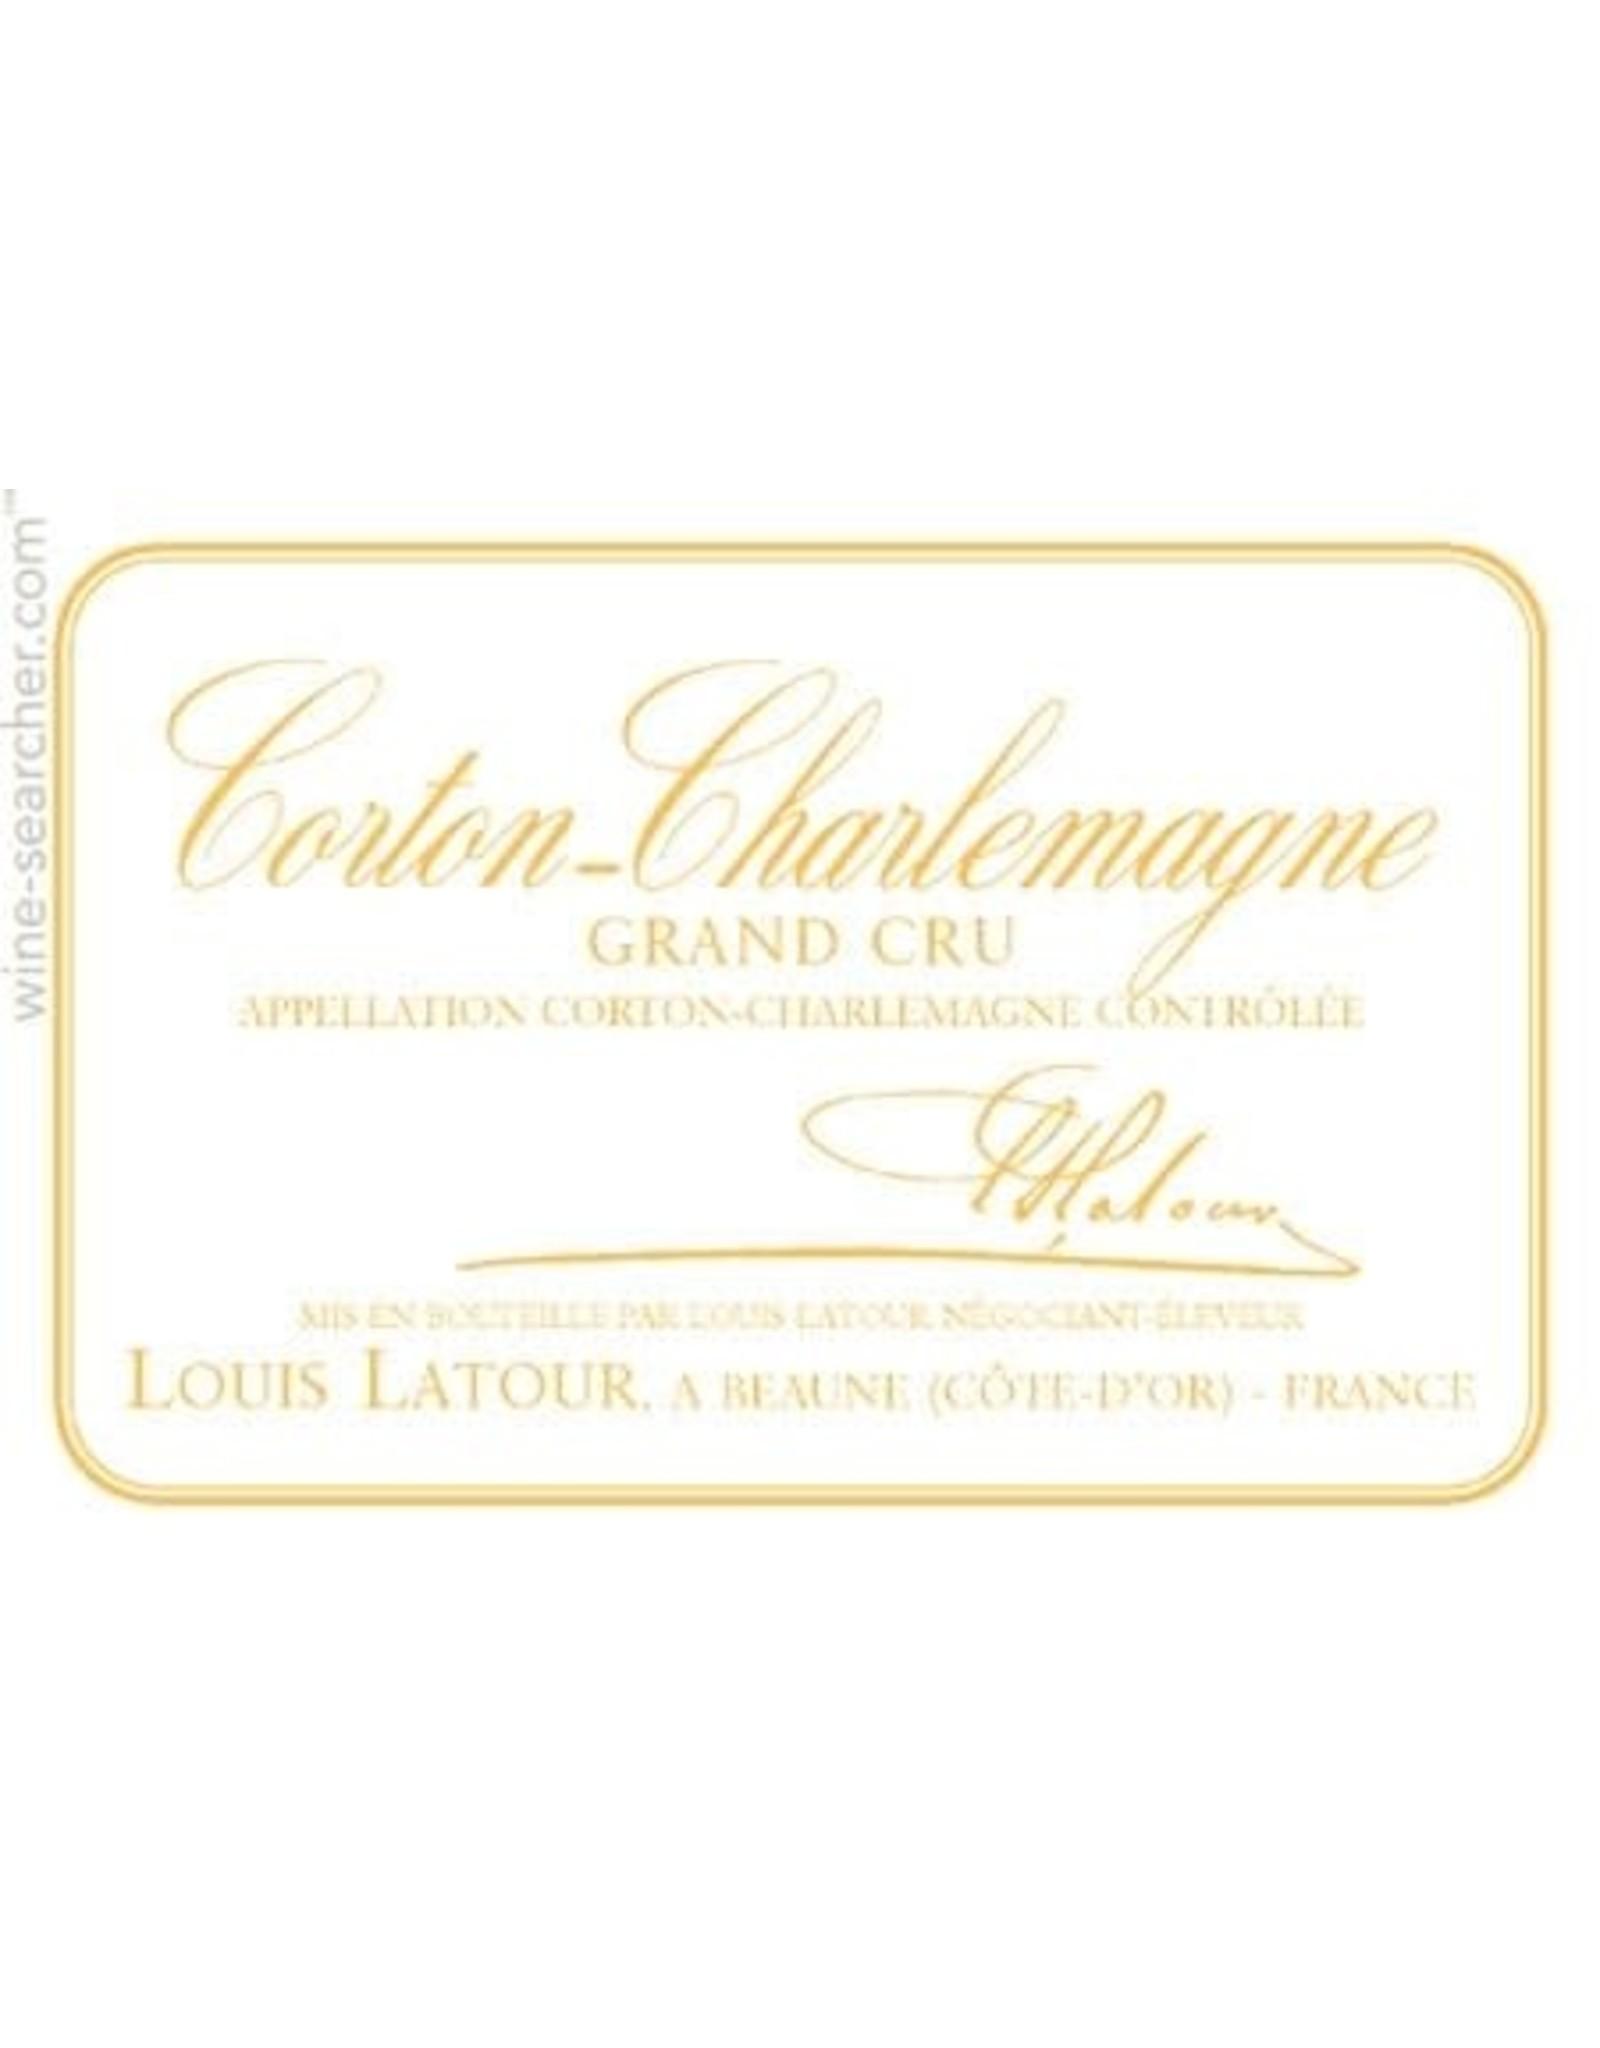 Louis La Tour Corton Charlemagne 2012